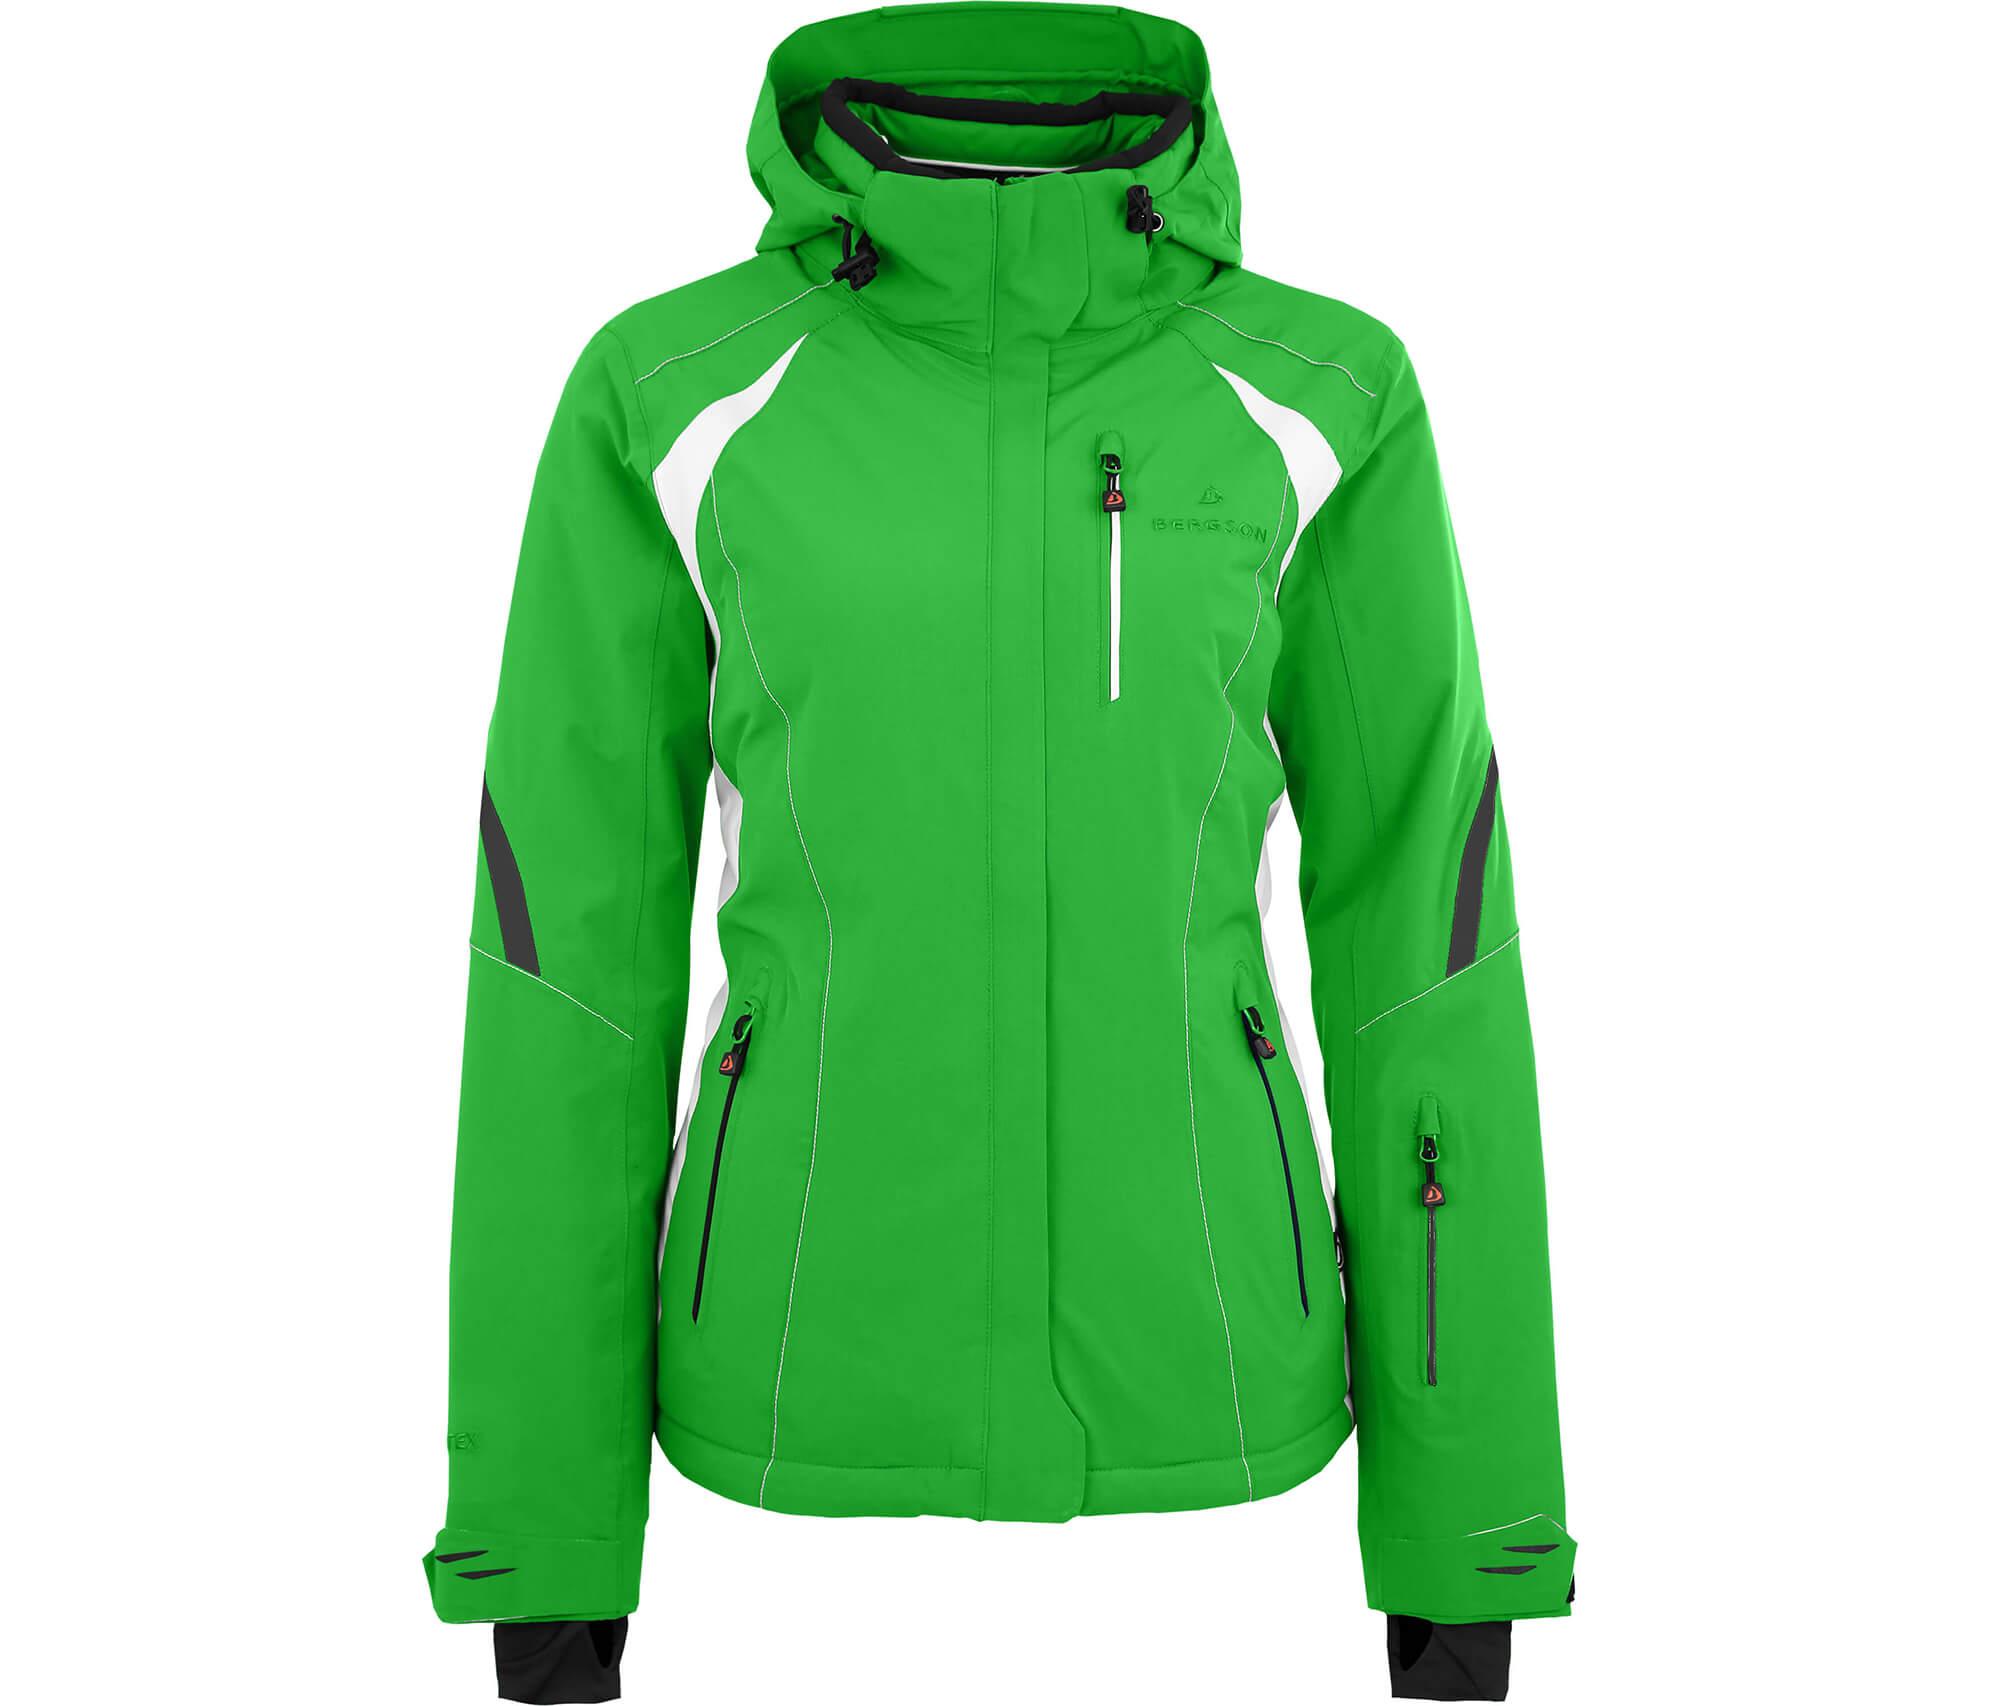 damen skijacke grüne jacke schwarze ärmel